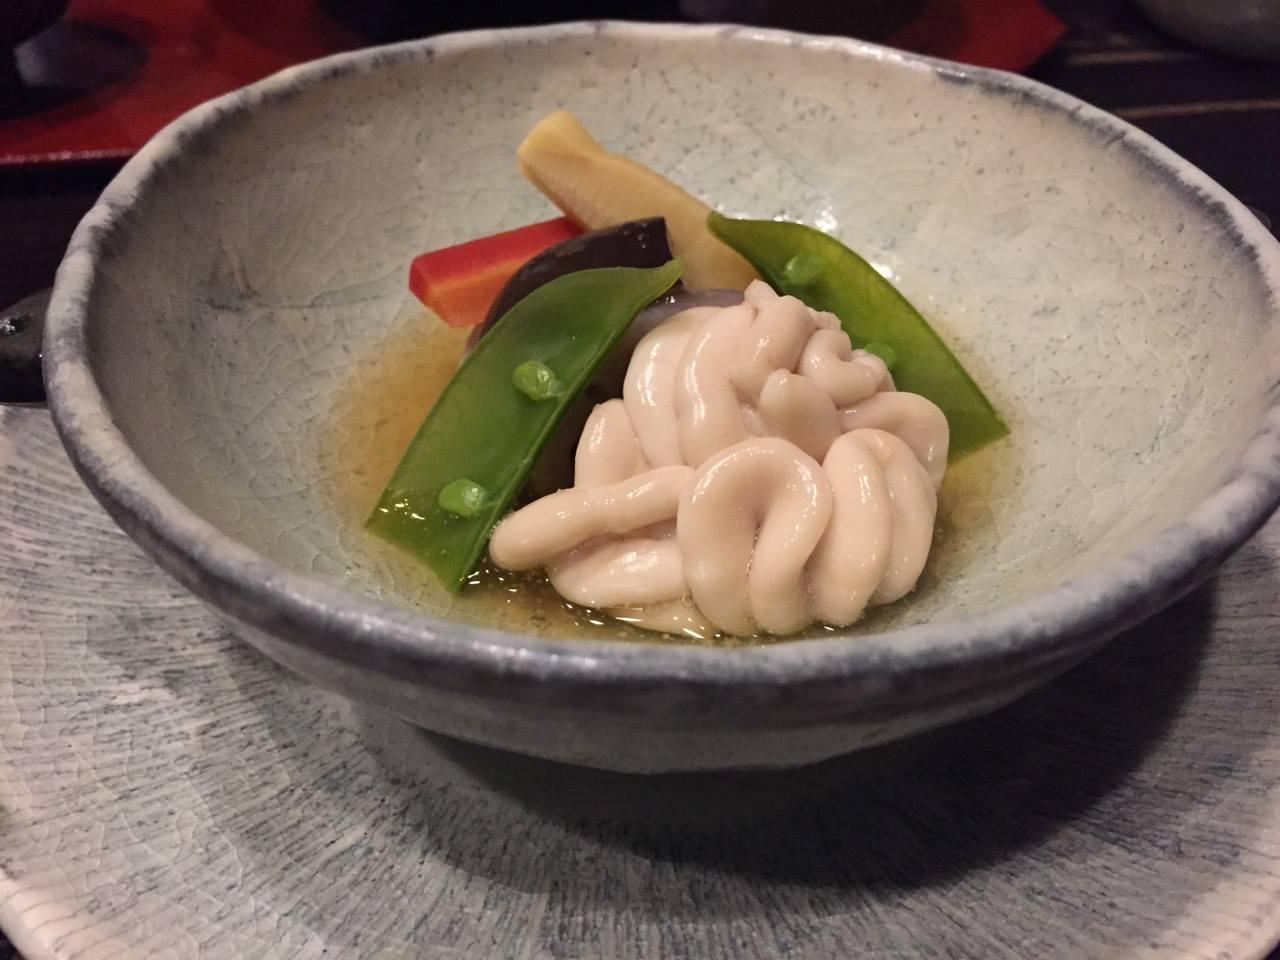 阿寒鶴雅別莊鄙之座晚餐菜餚-鱈魚白子